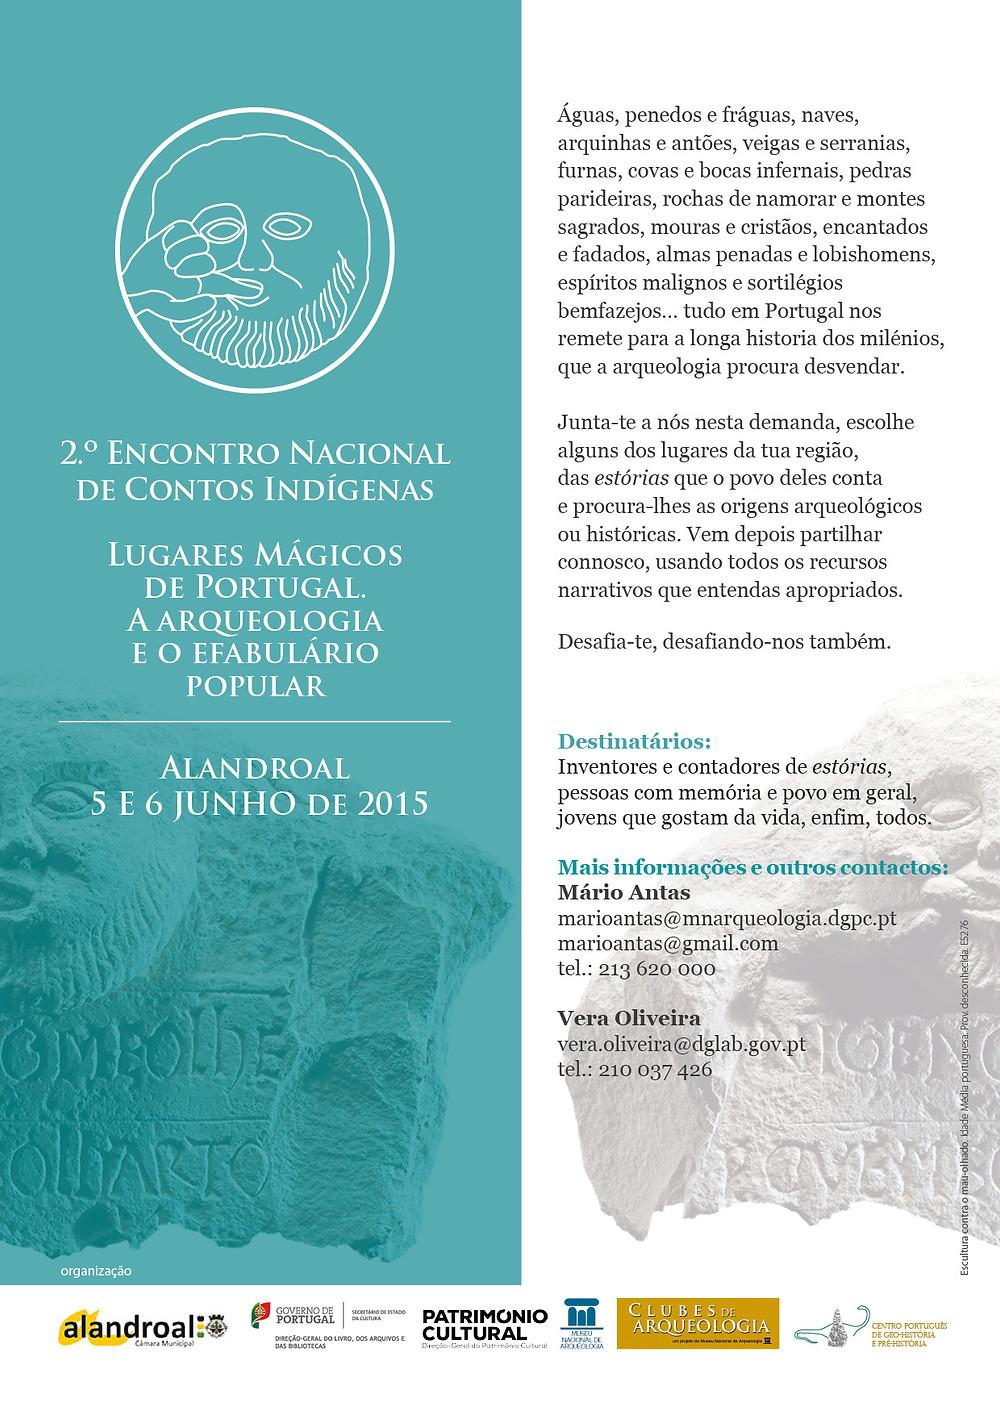 Lugares_mágicos_de_Portugal.jpg